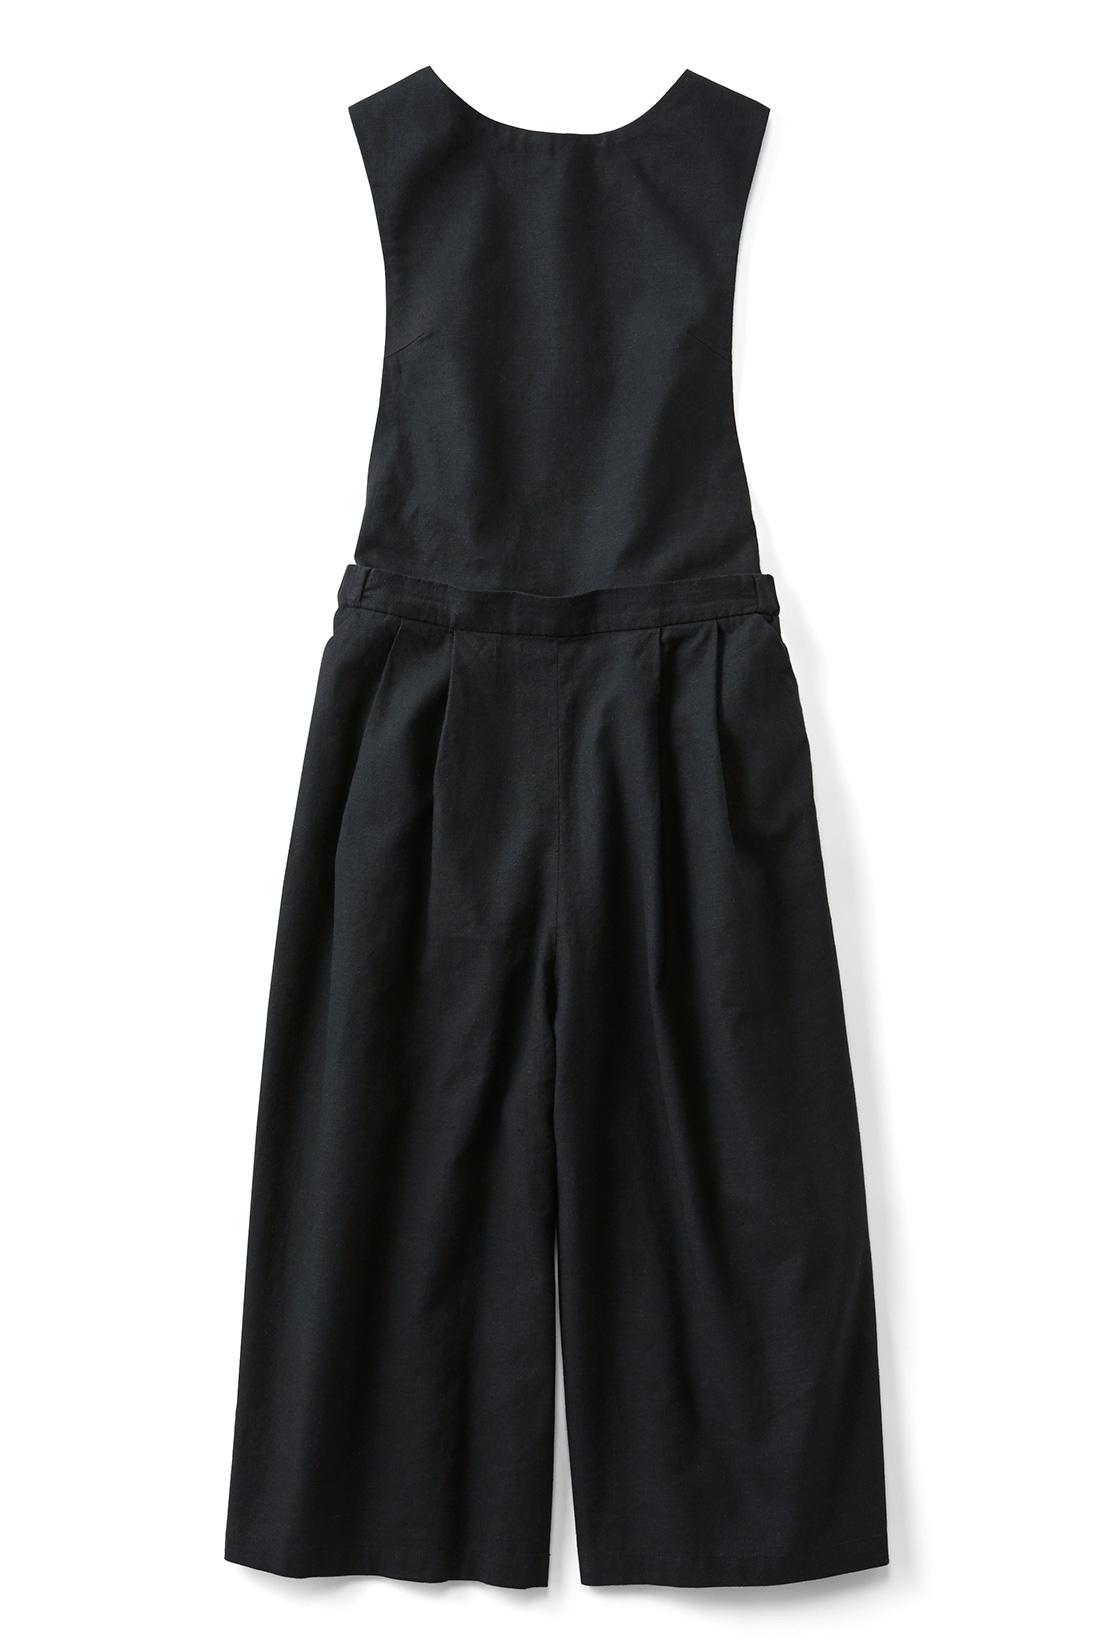 [ブラック]胸当て部分は取り外しOK。ガウチョパンツとしても着られます。